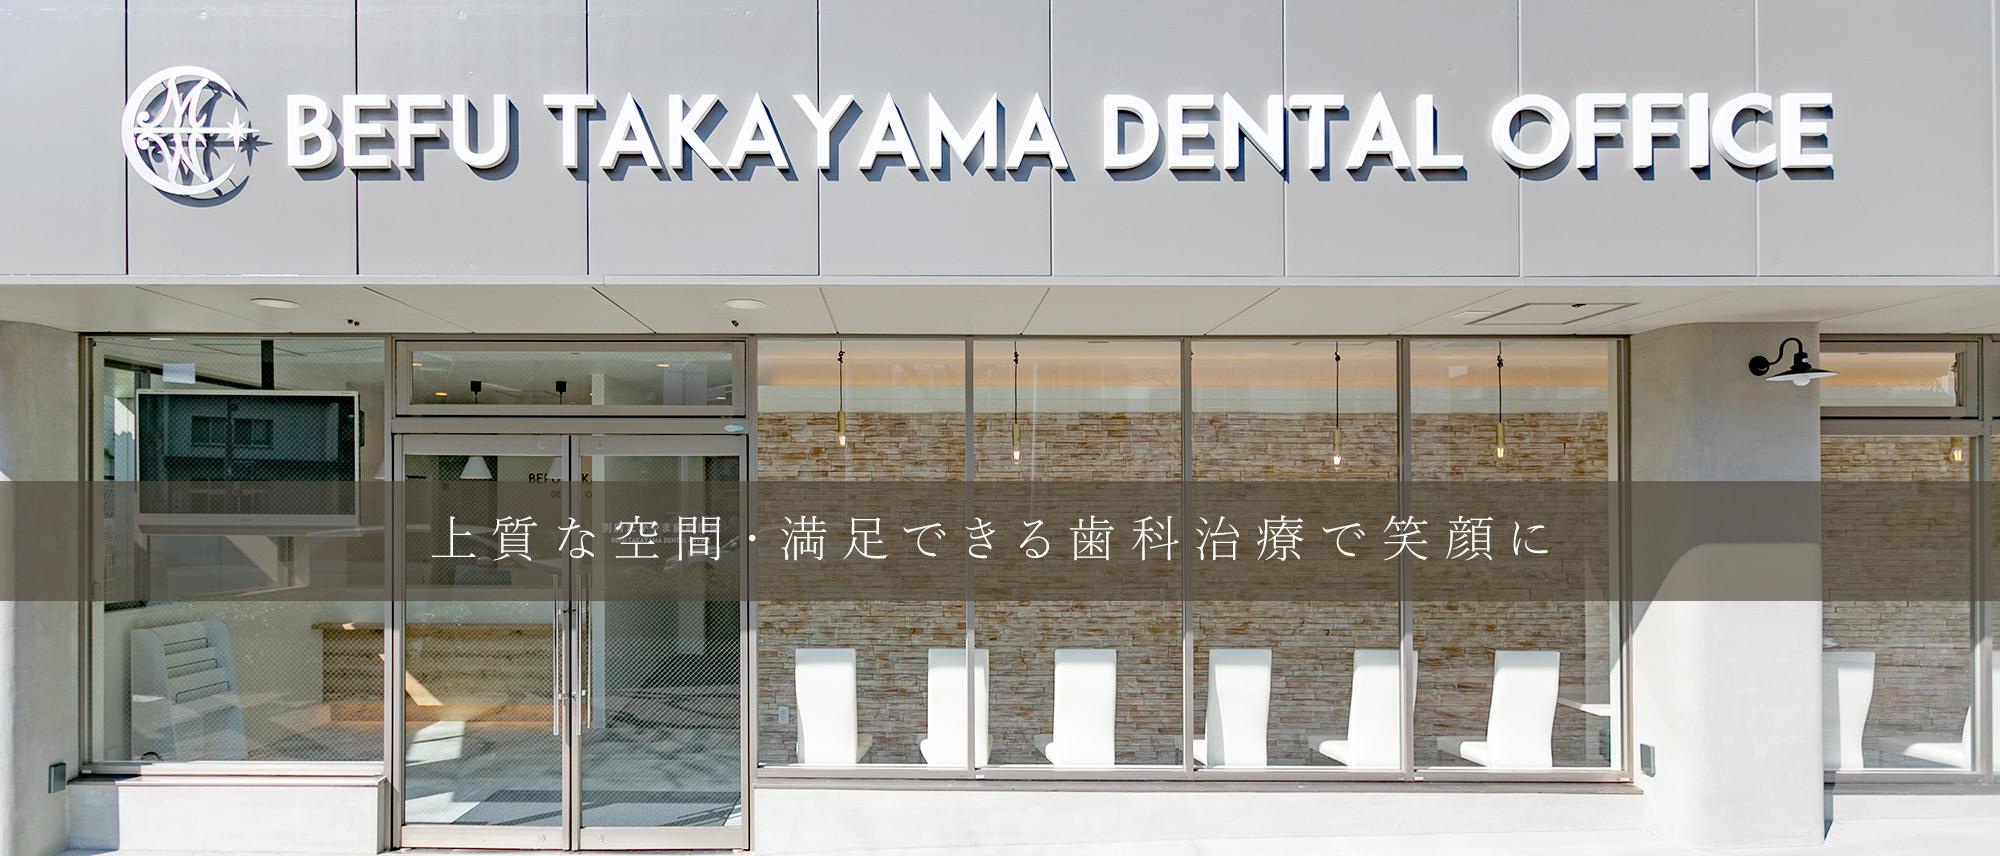 上質な空間・満足できる歯科治療で笑顔に